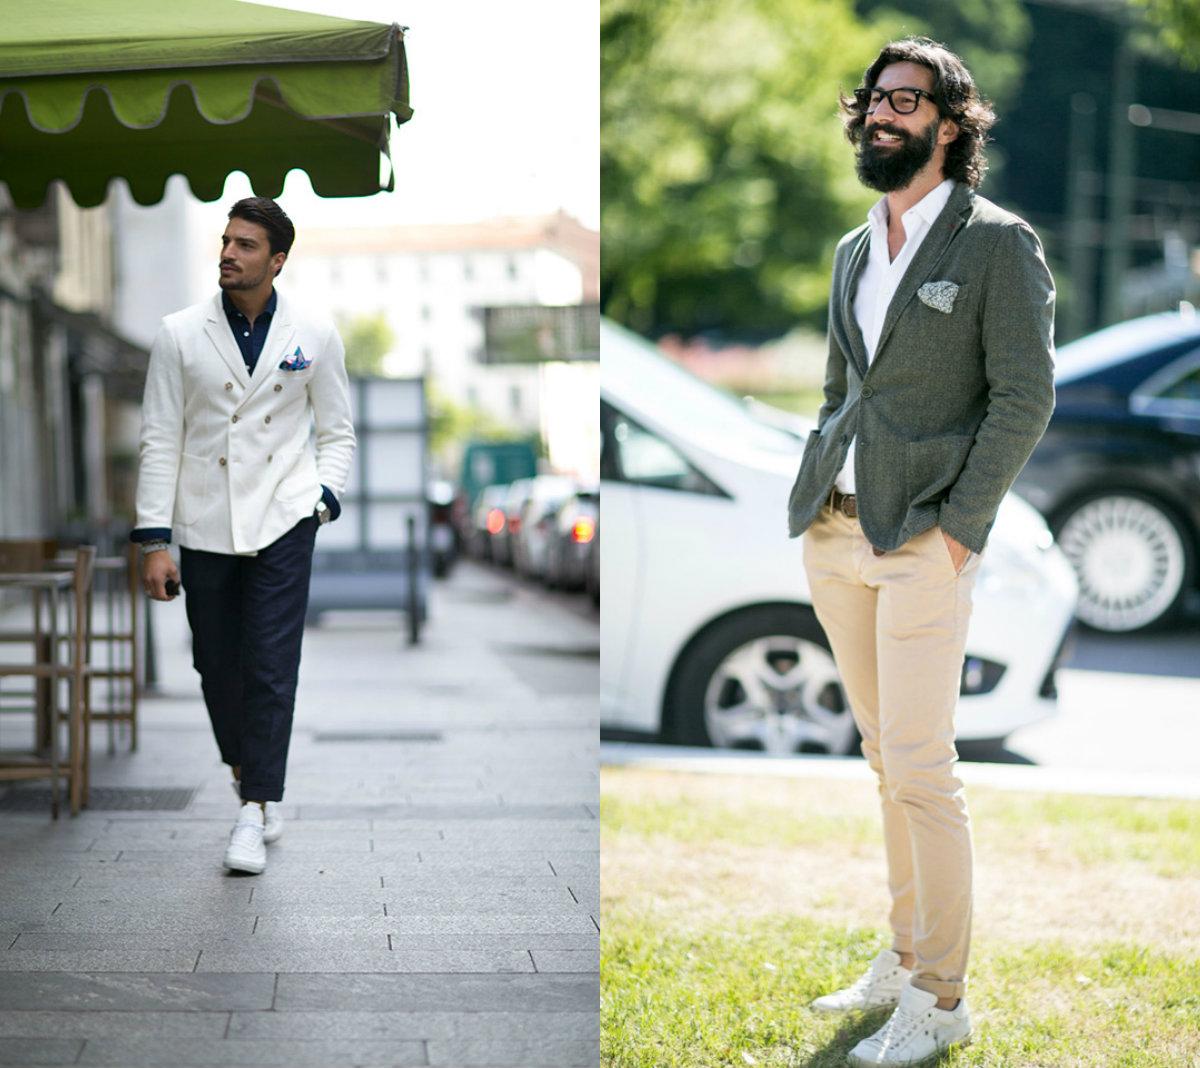 9fa2dab5a11 Мужская мода 2019 весна лето  основные тенденции 101 фото